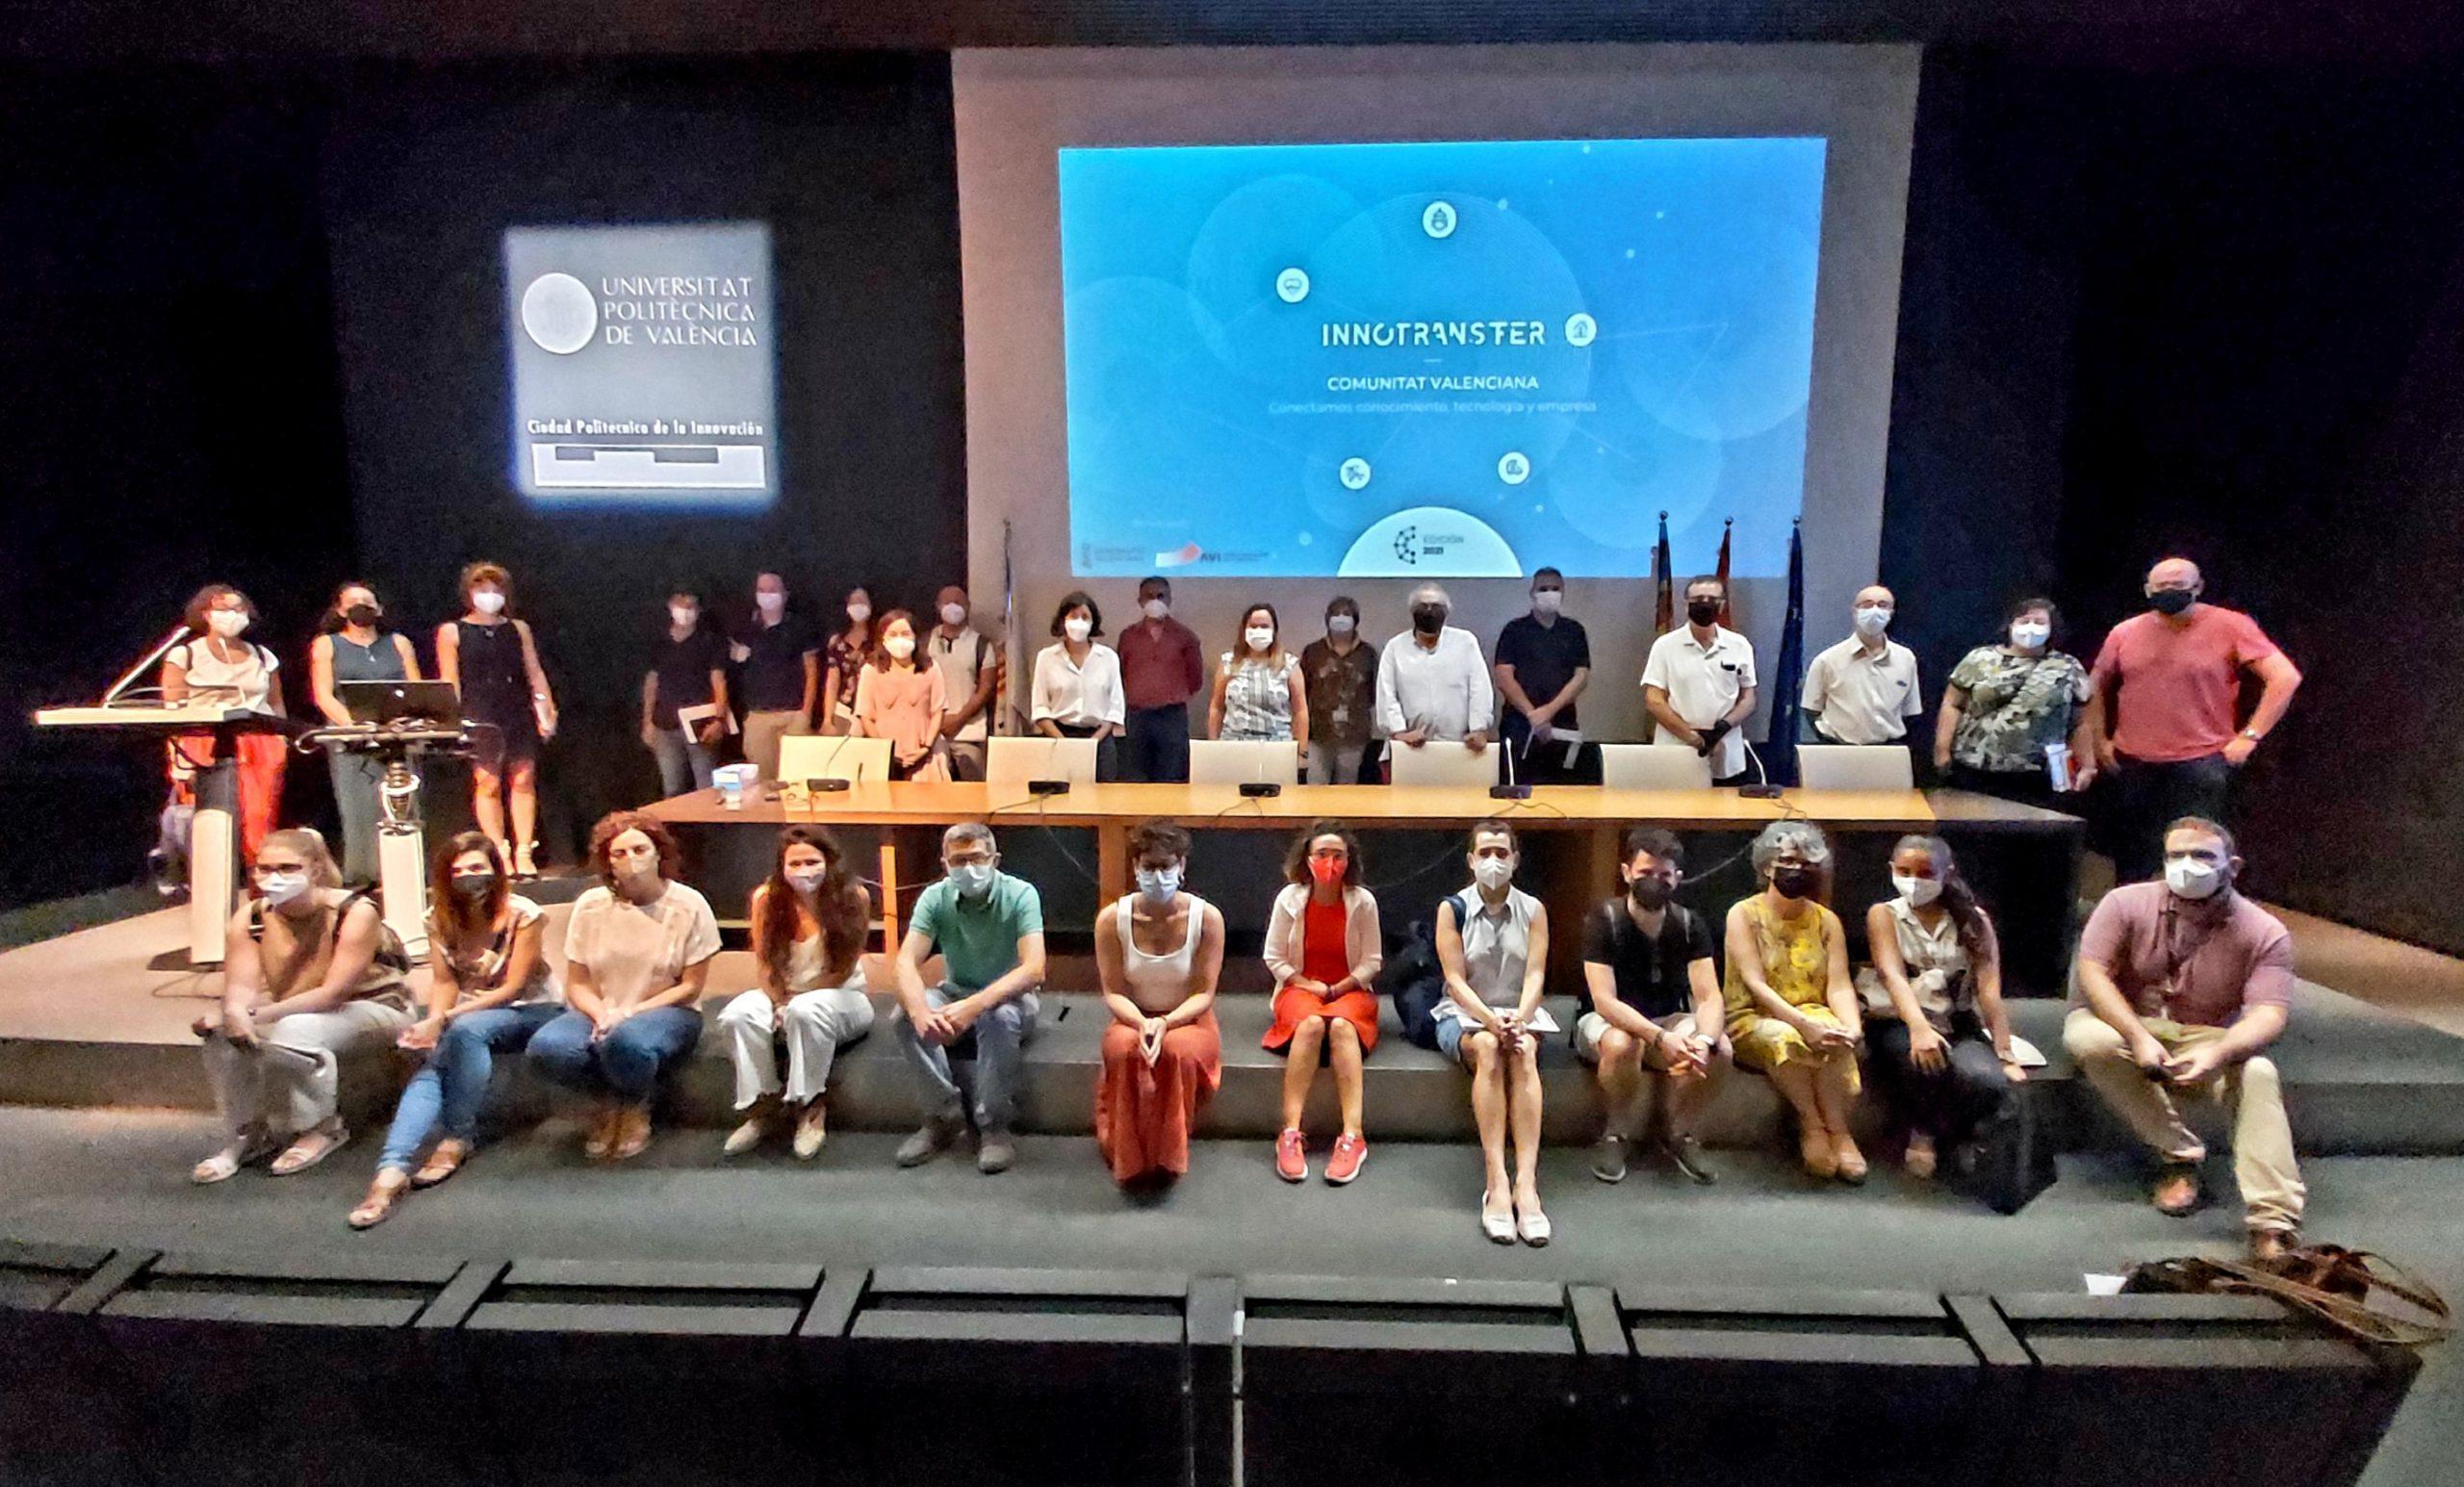 Clausura del taller en el auditorio del Cubo Azul de la Ciudad Politécnica de la Innovación | Imagen: R. Sanchis